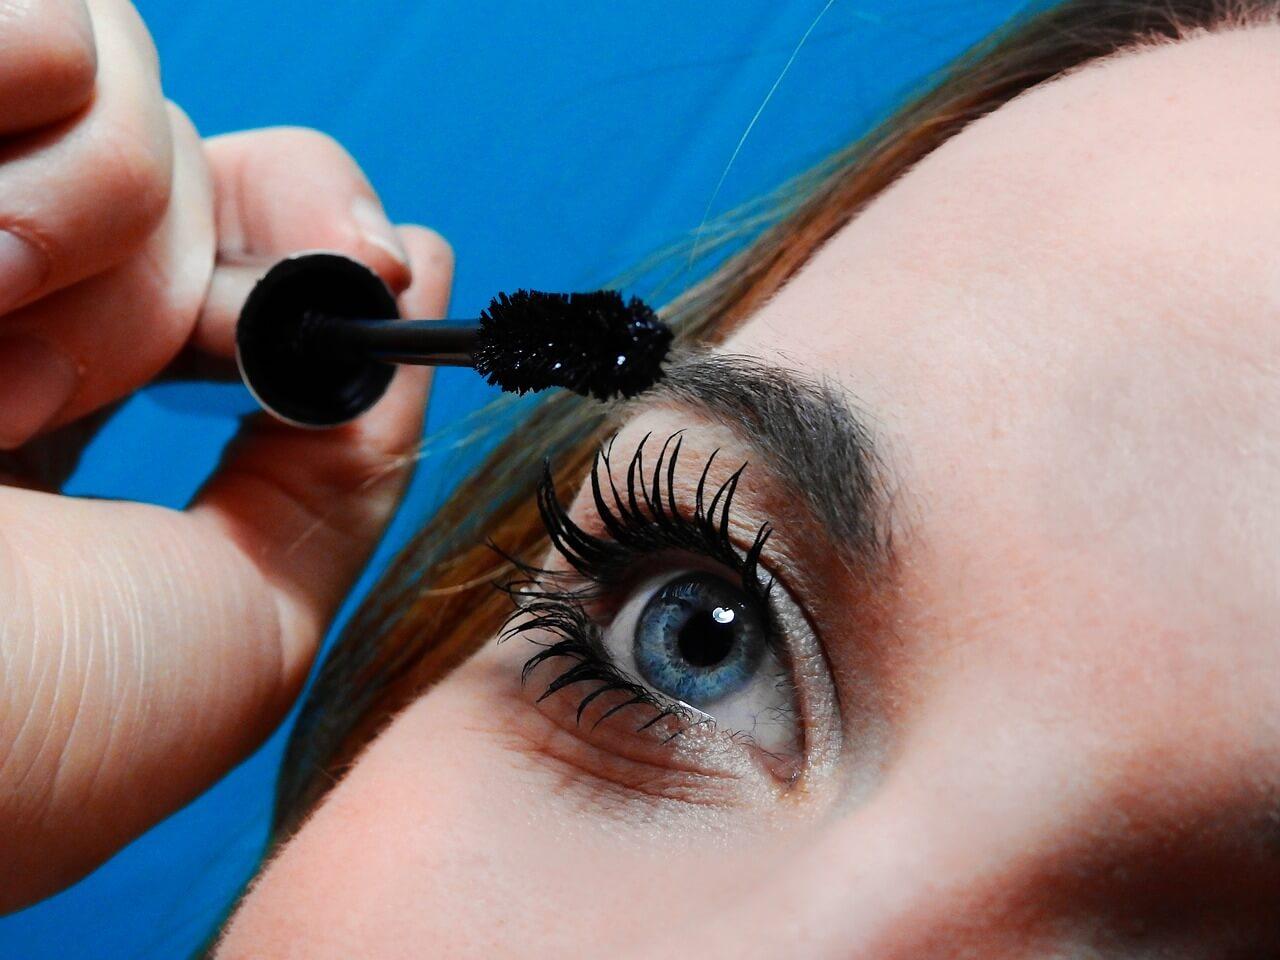 Ein bezaubernder Augenaufschlag dank Wimpernserum: Anwendung, Tipps und Tricks